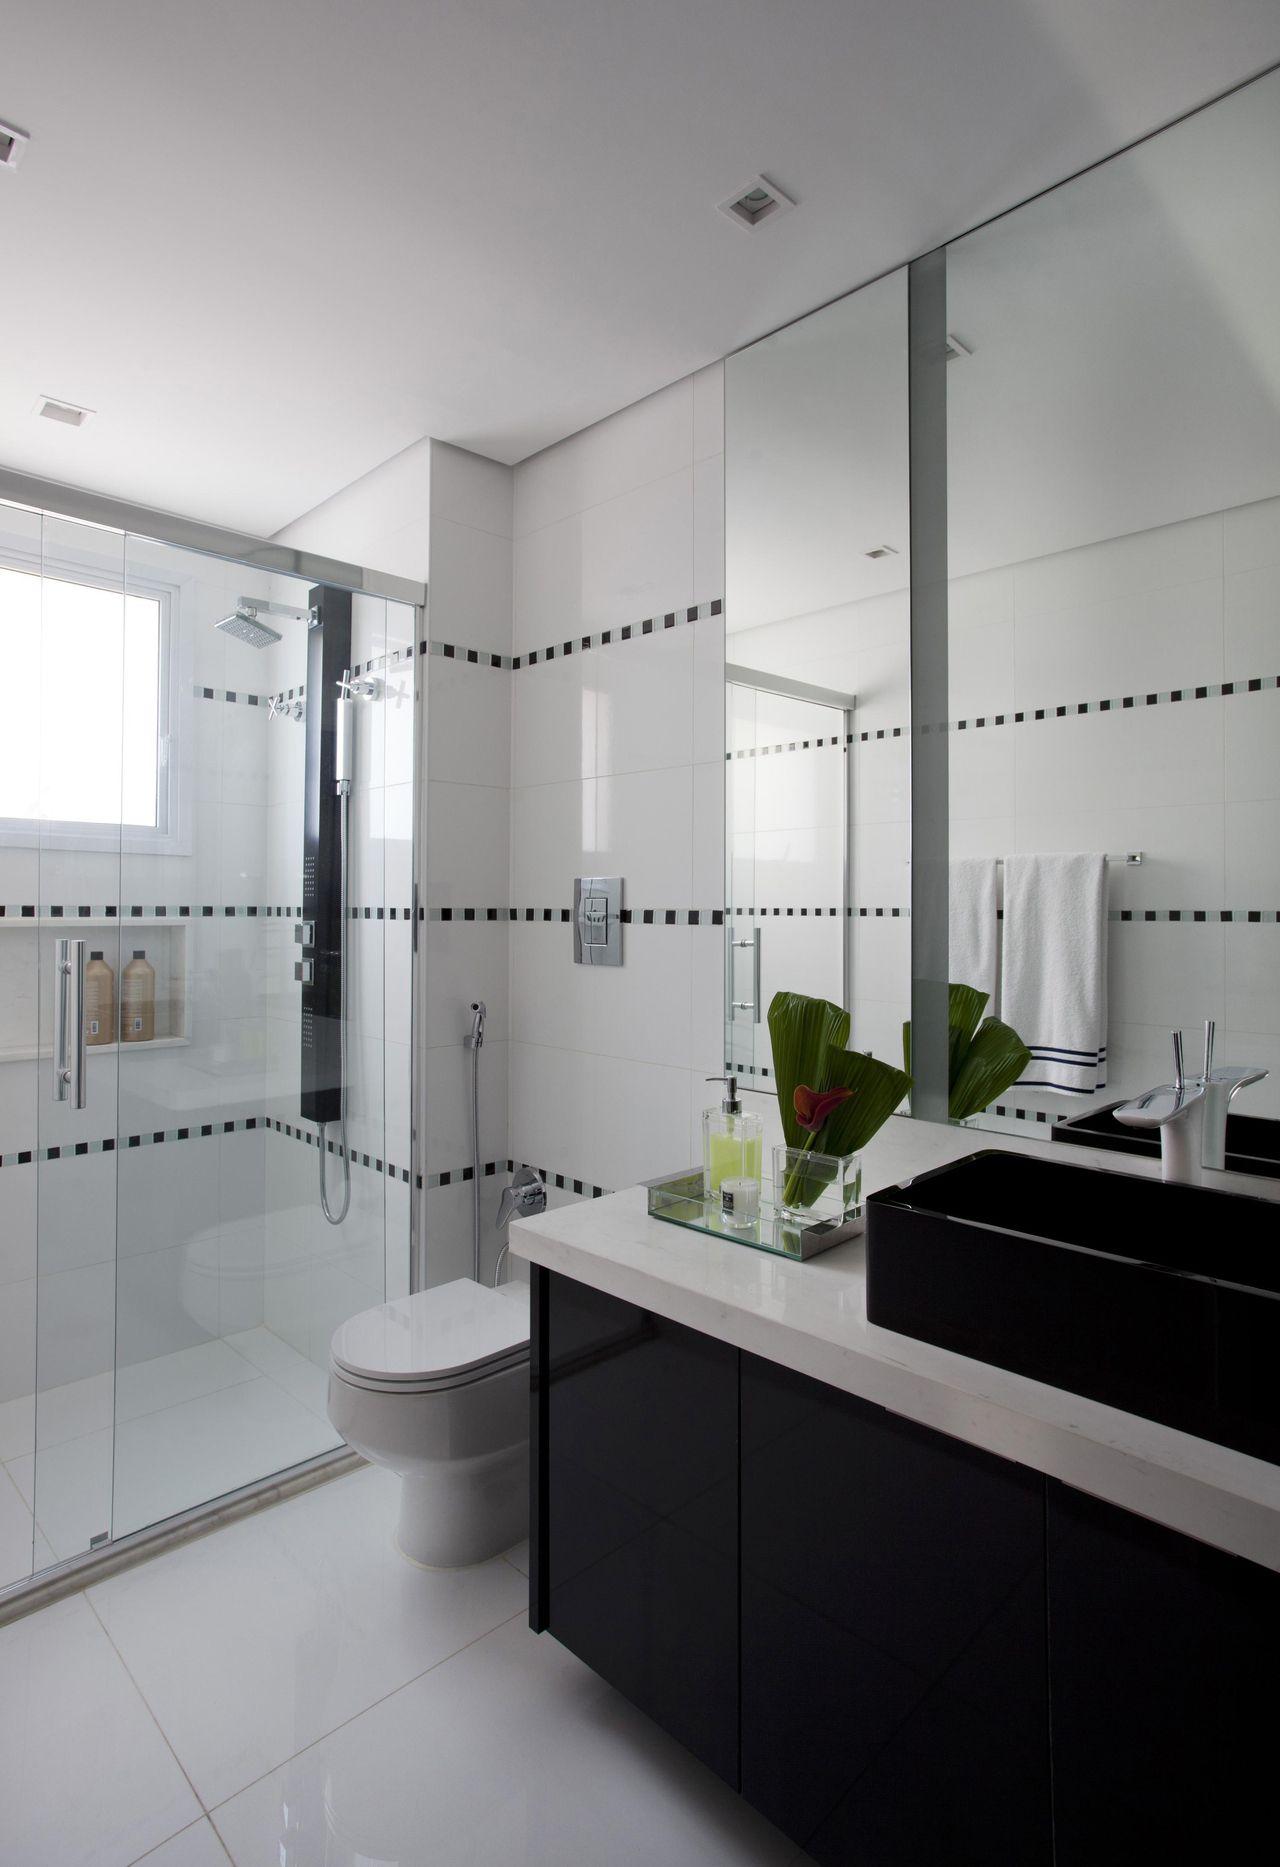 Banheiro com gabinete Preto de Marcelo Rosset Arquitetura  64998 no Viva Decora -> Banheiro Simples Preto